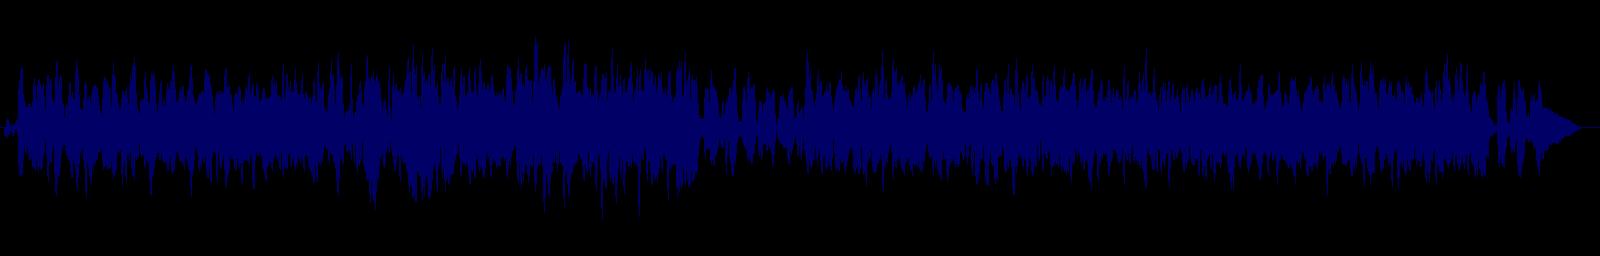 waveform of track #143781